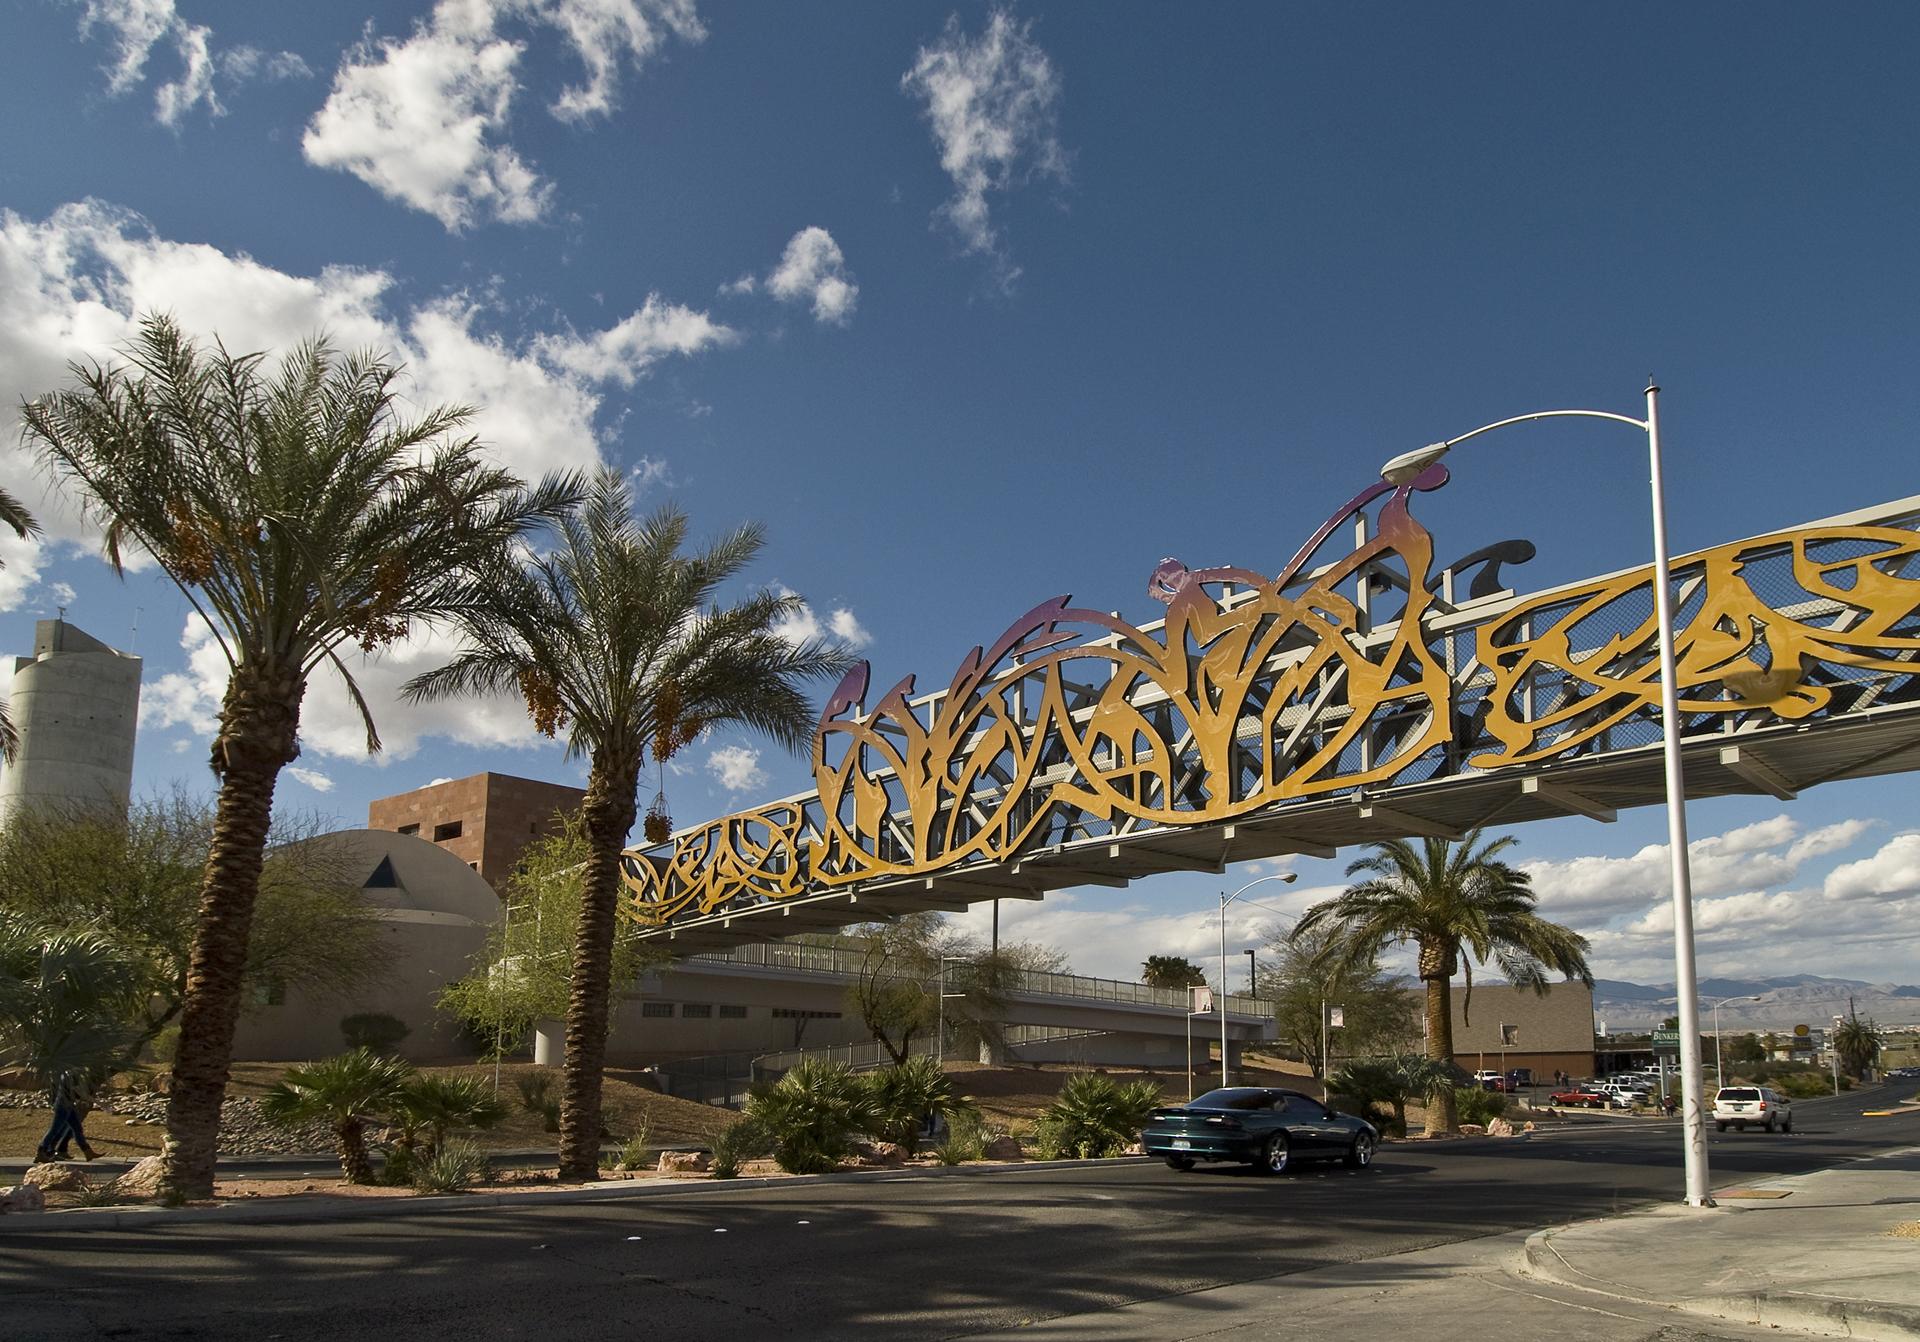 Vegas Arabesque